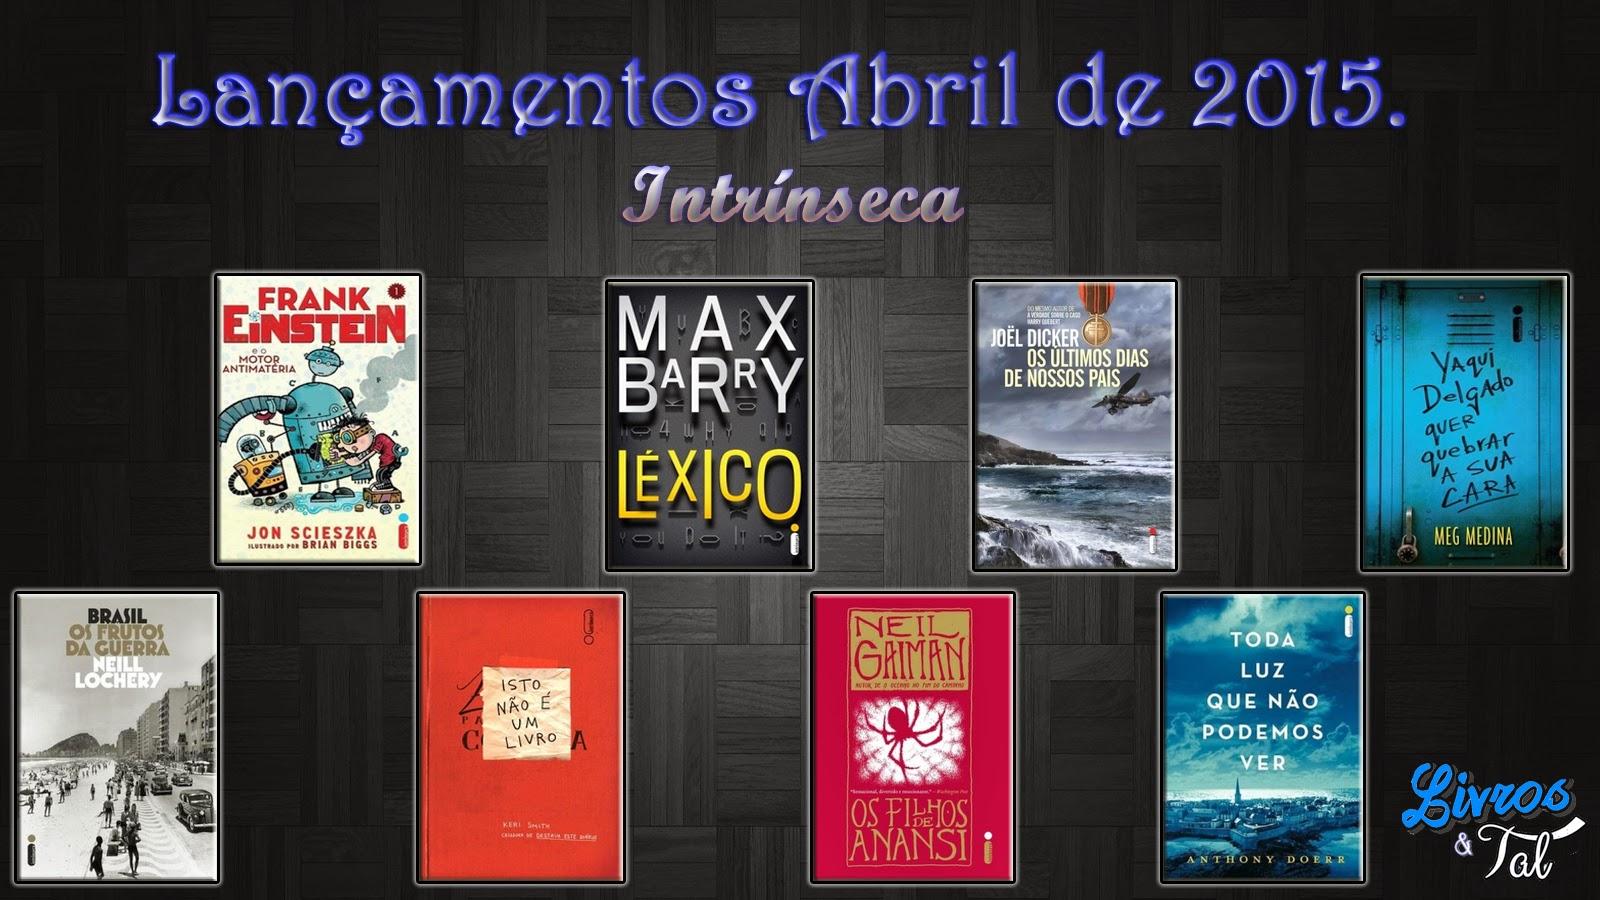 http://livrosetalgroup.blogspot.com.br/p/blog-page_1.html